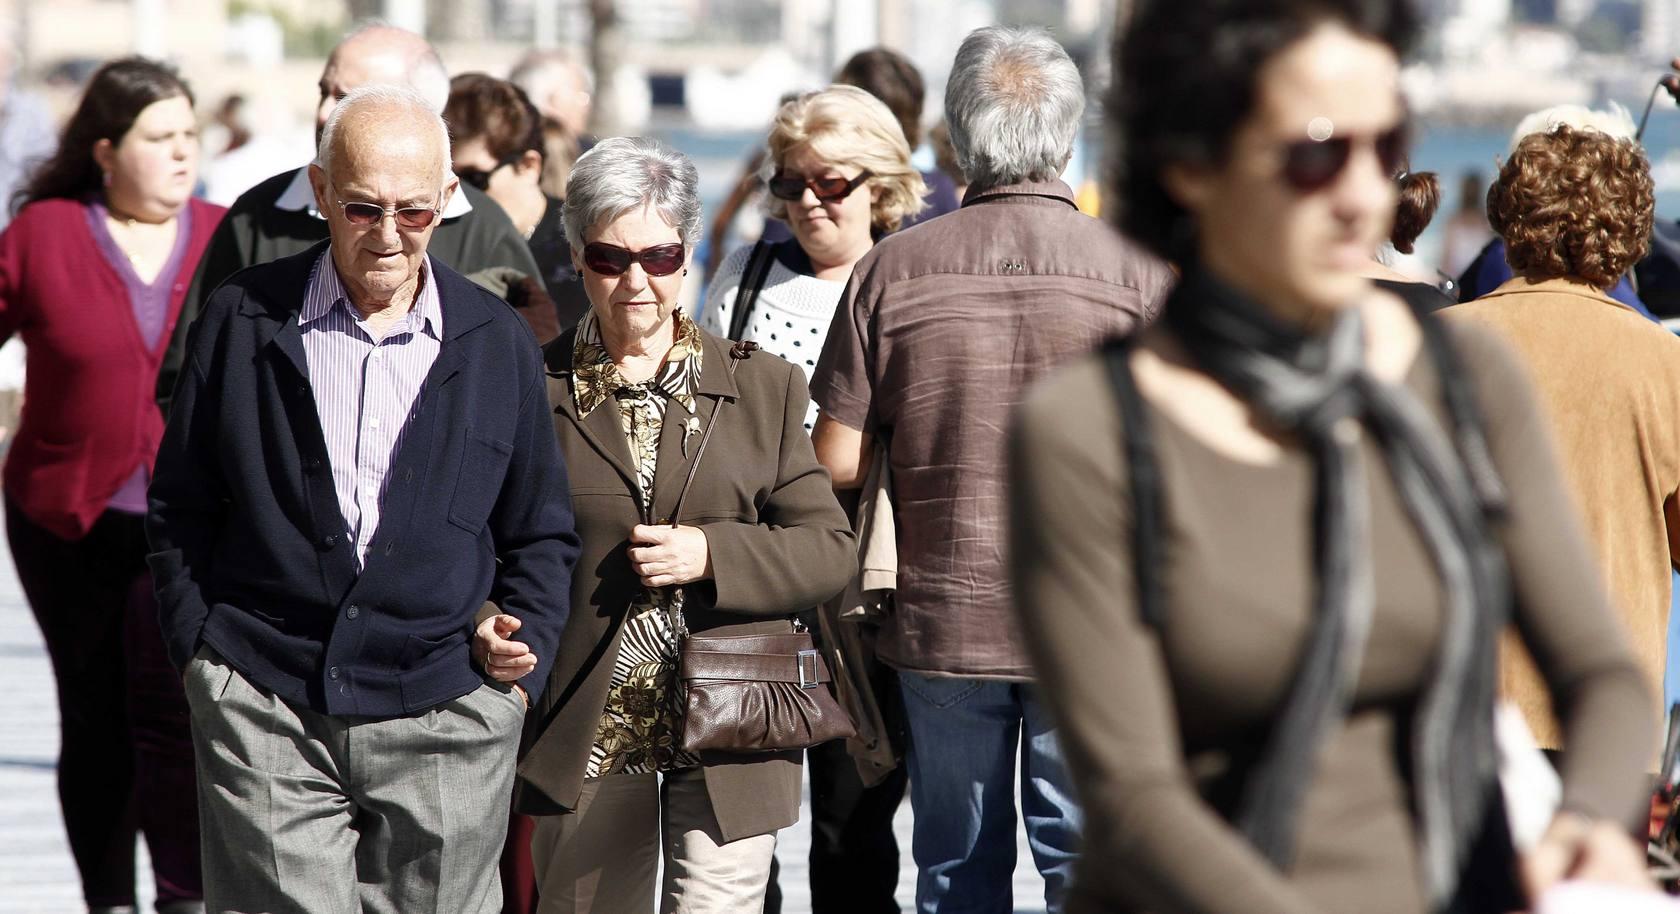 Día de todos los santos en Alicante: turismo y buen tiempo en el Postiguet